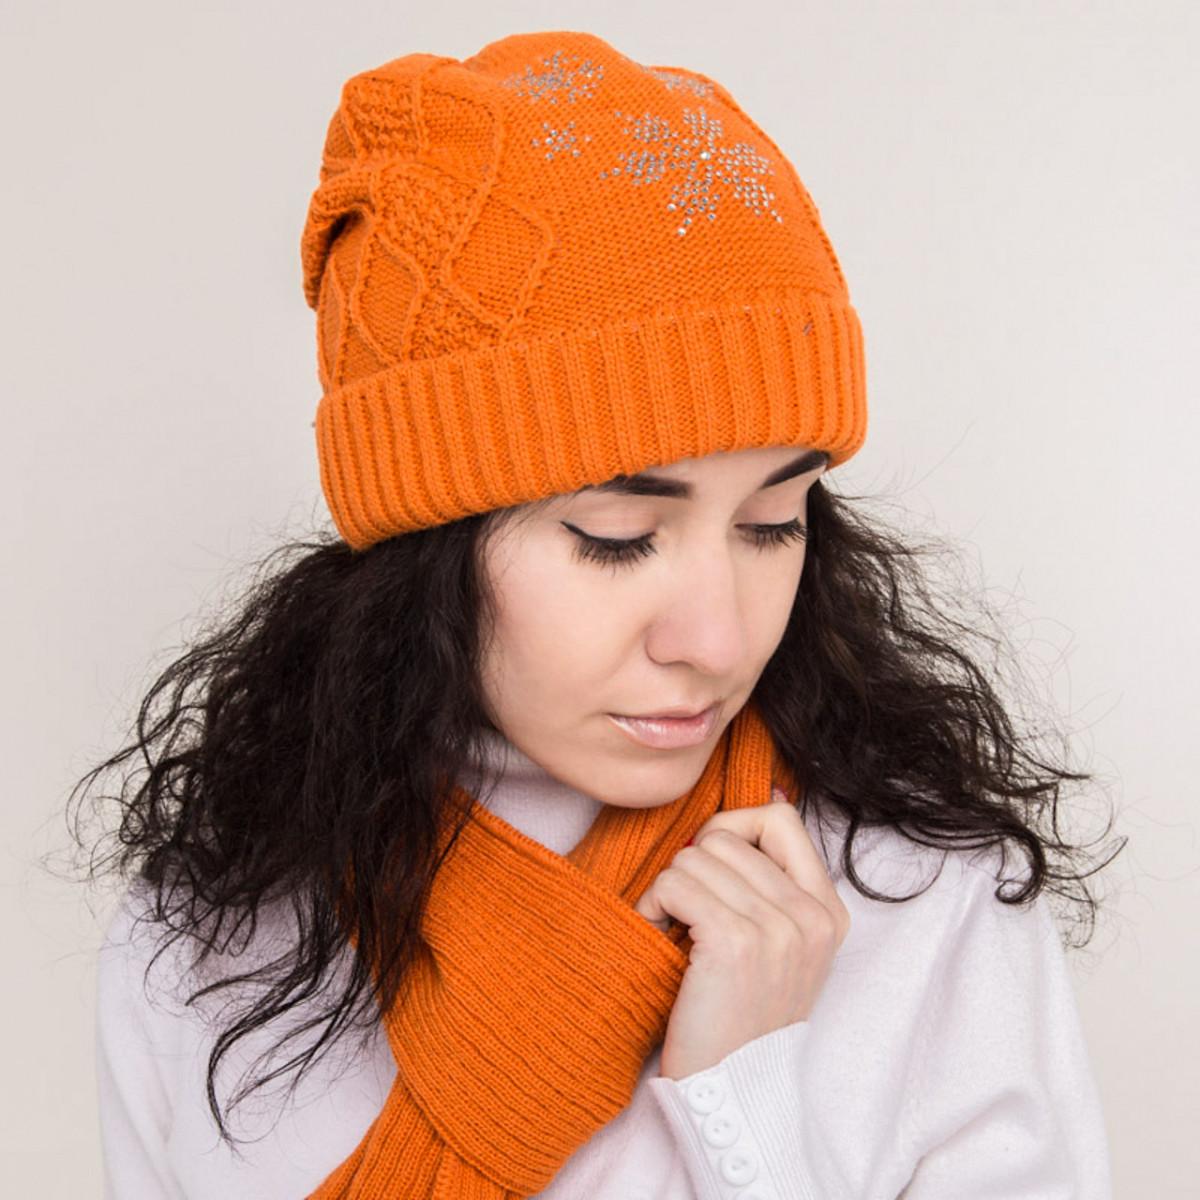 Зимний женский вязаный комплект (шапка хомут) на флисе - Снежинка - Артикул 0863 7